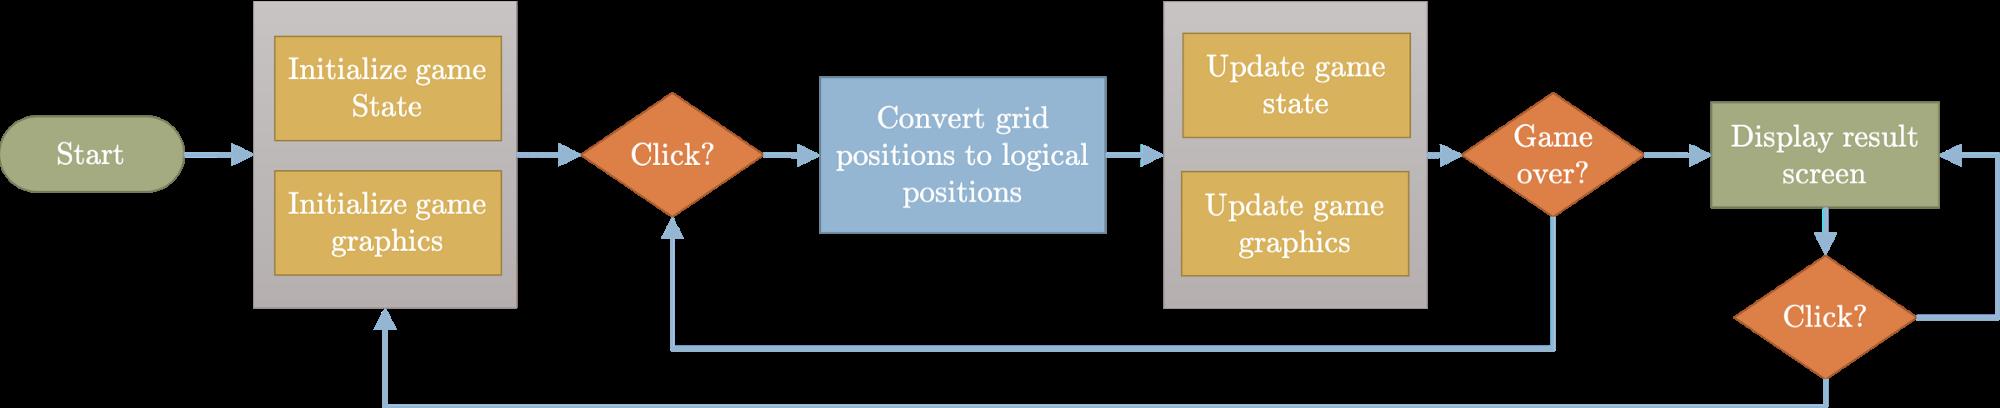 Game flow Python - Recruitery